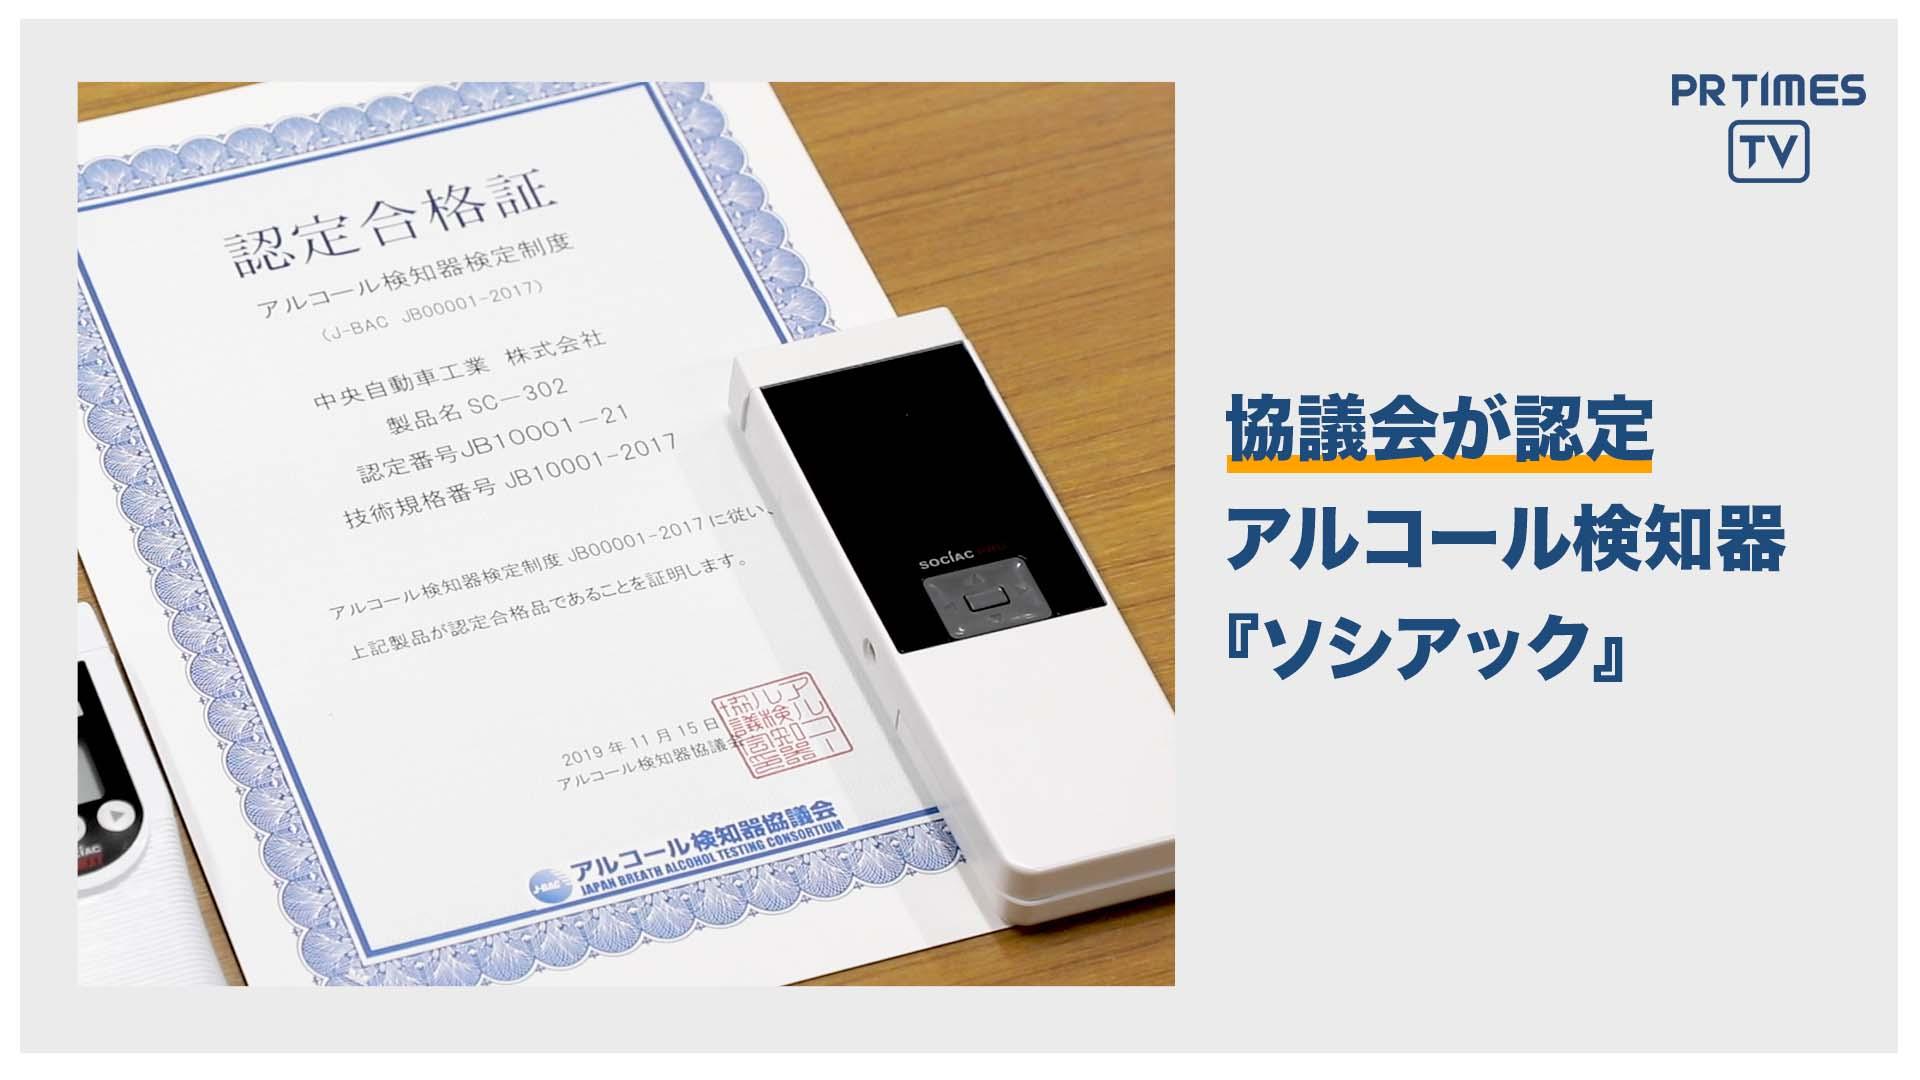 アルコール検知器「ソシアック」、シリーズ全機種が協議会の認定合格証を取得